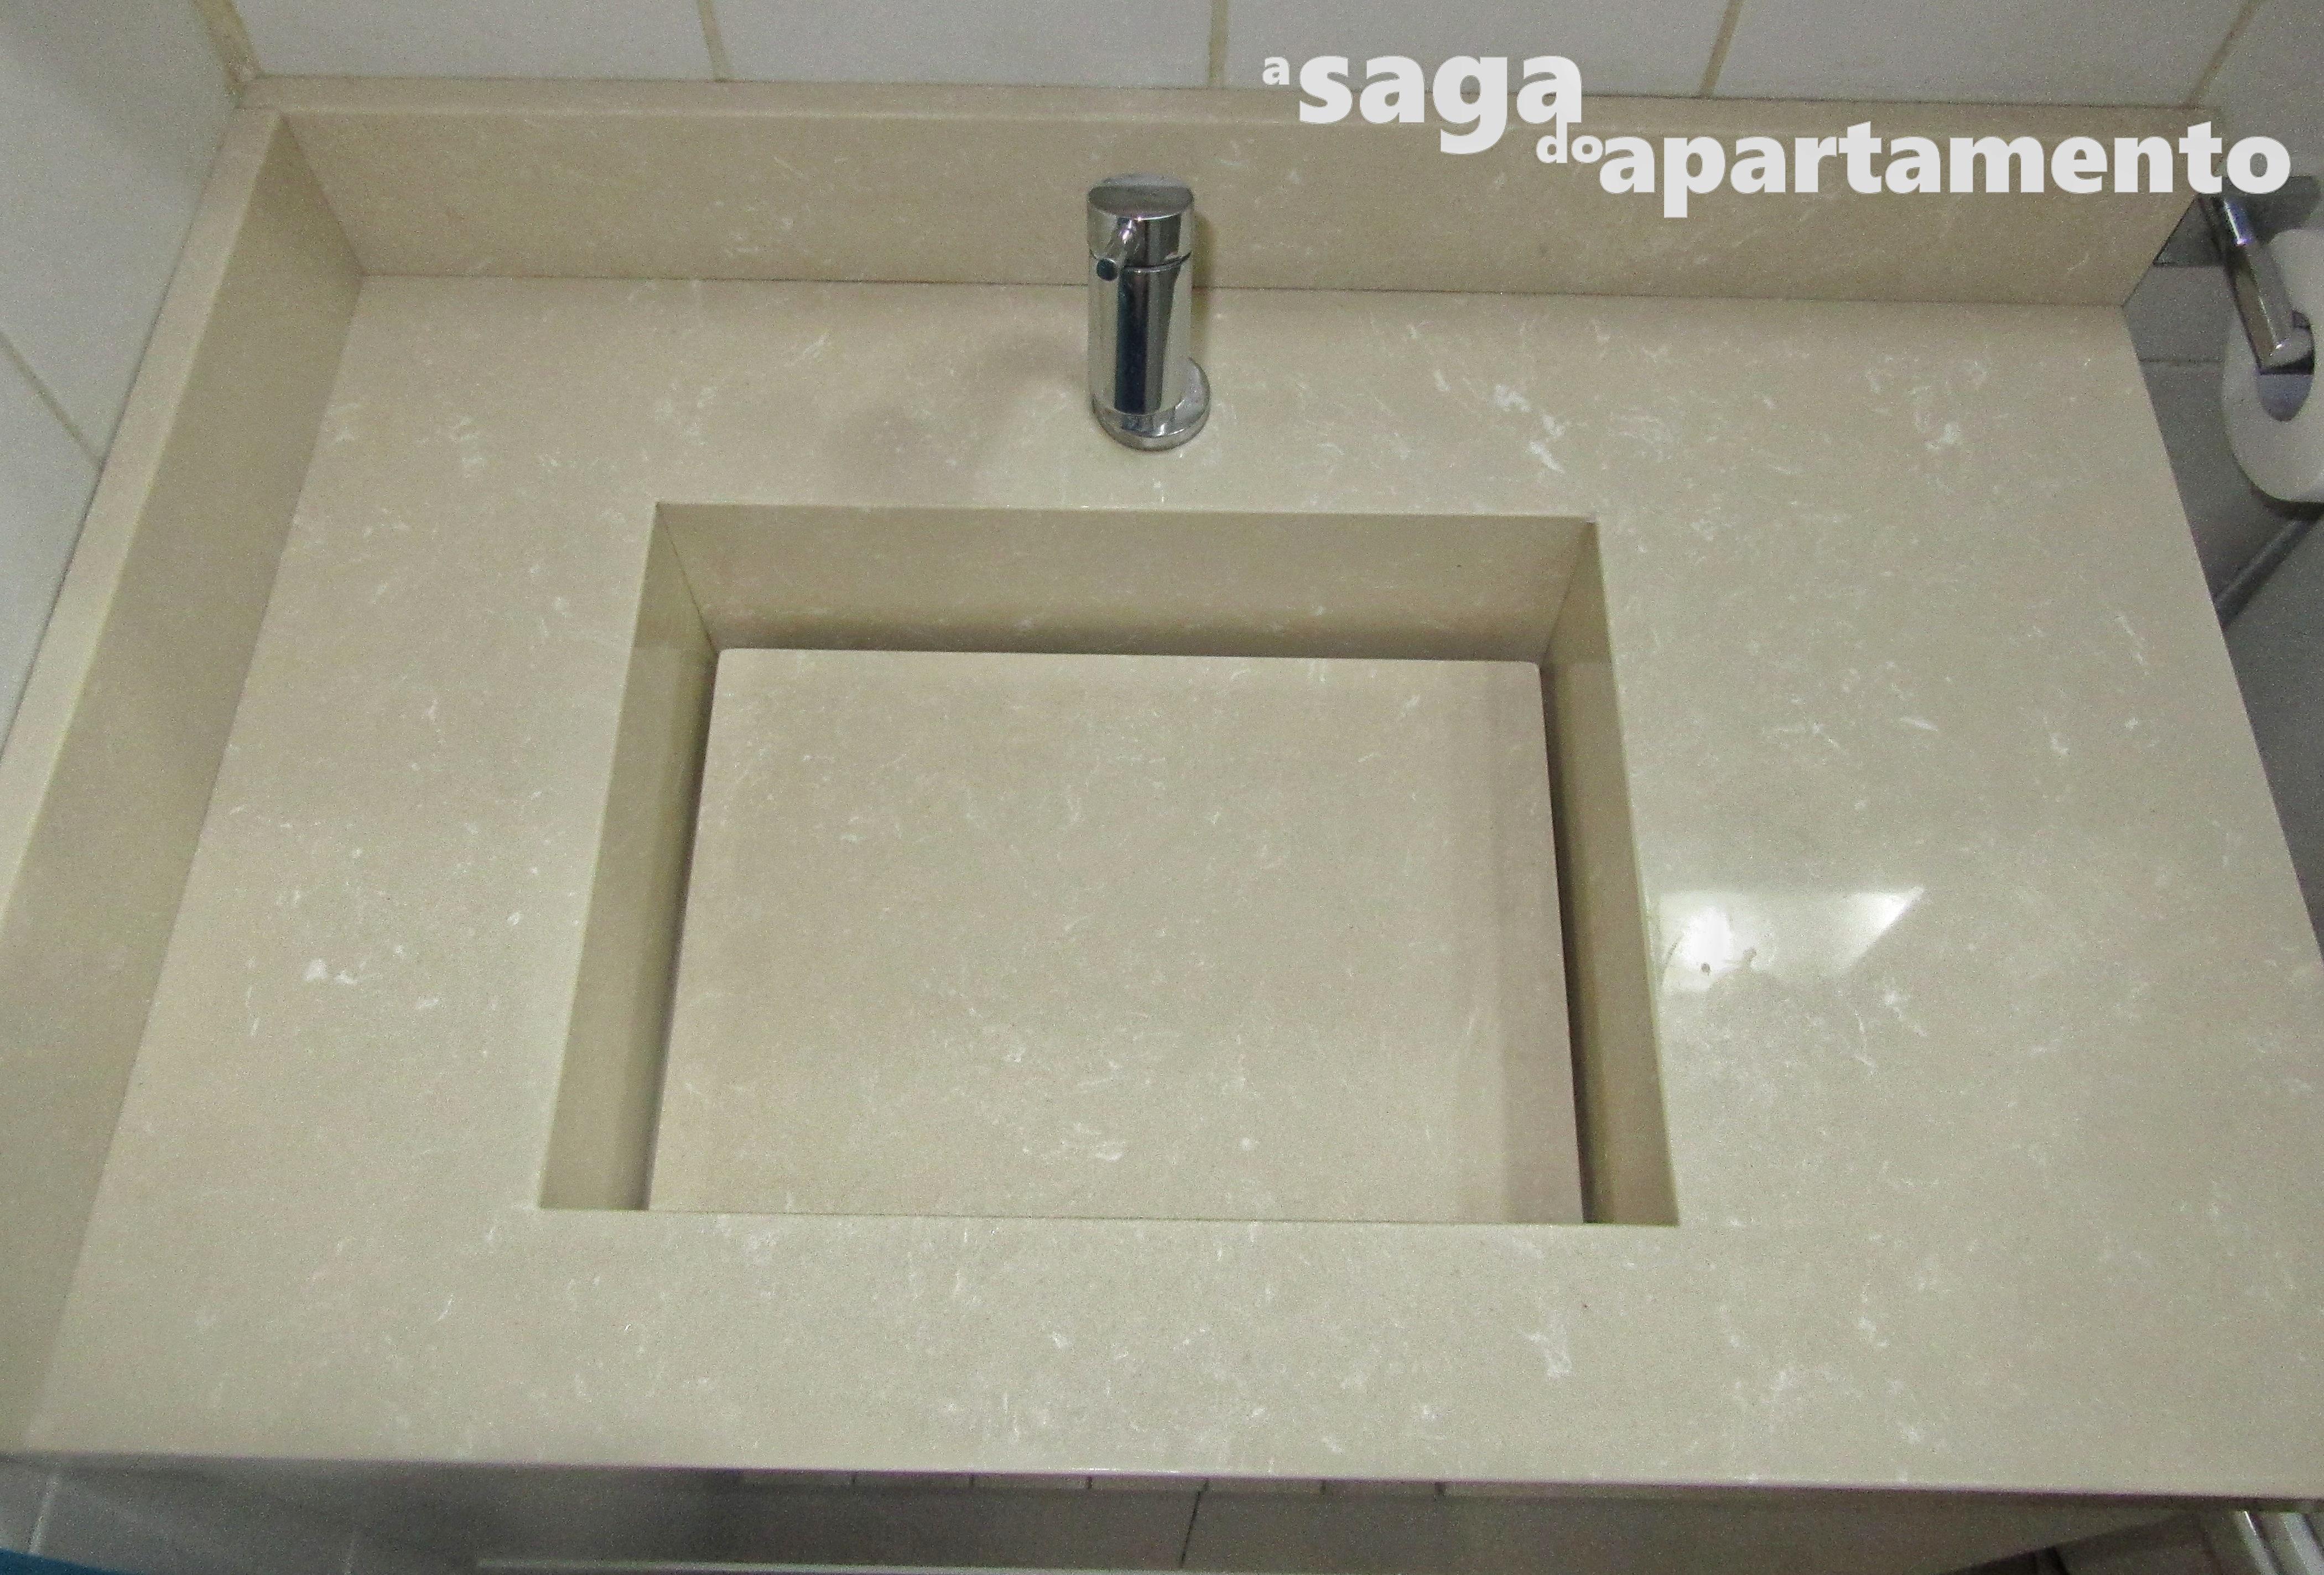 Reforma do Banheiro parte 1: Bancada de Mármore com Cuba Esculpida  #737158 4201x2847 Banheiro Com Granito Bege Prime